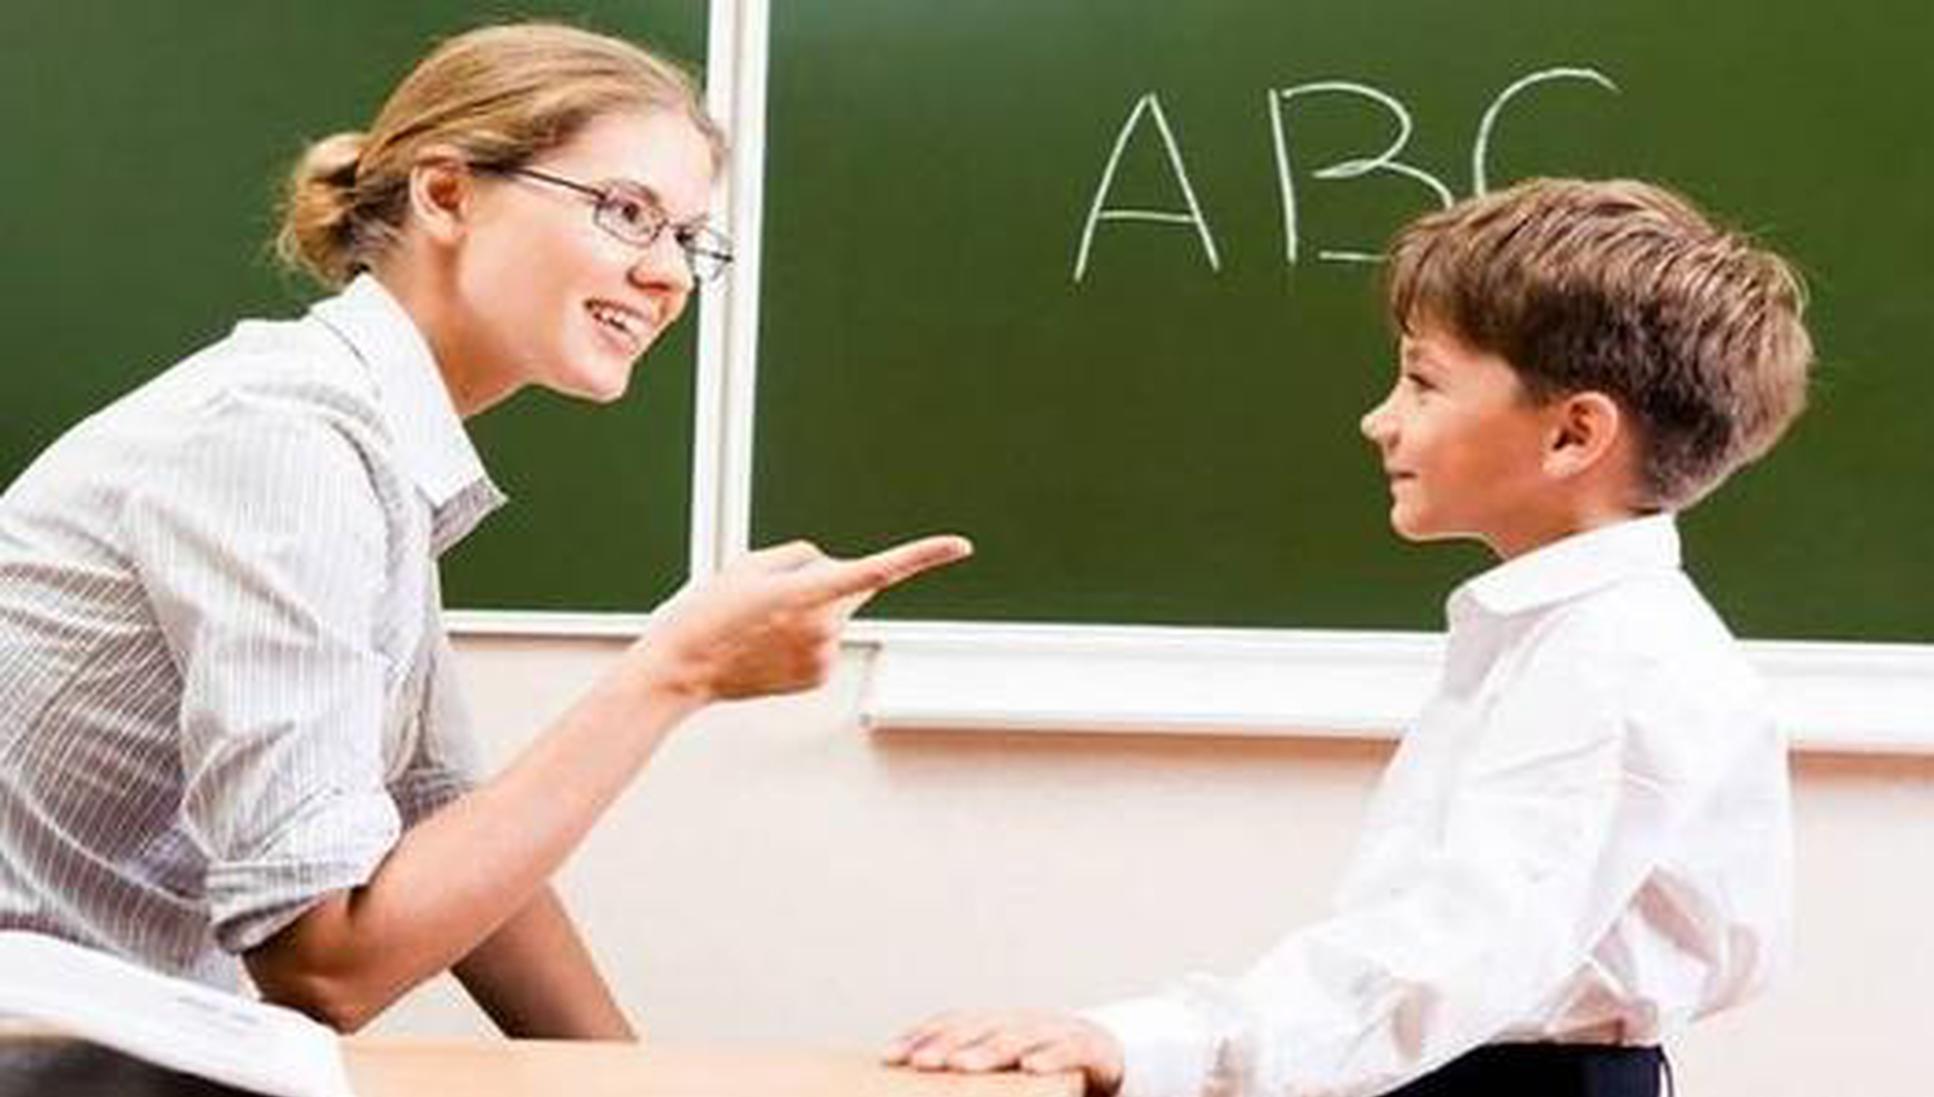 虚构入境事由资格证书造假 外教任职审核引质疑